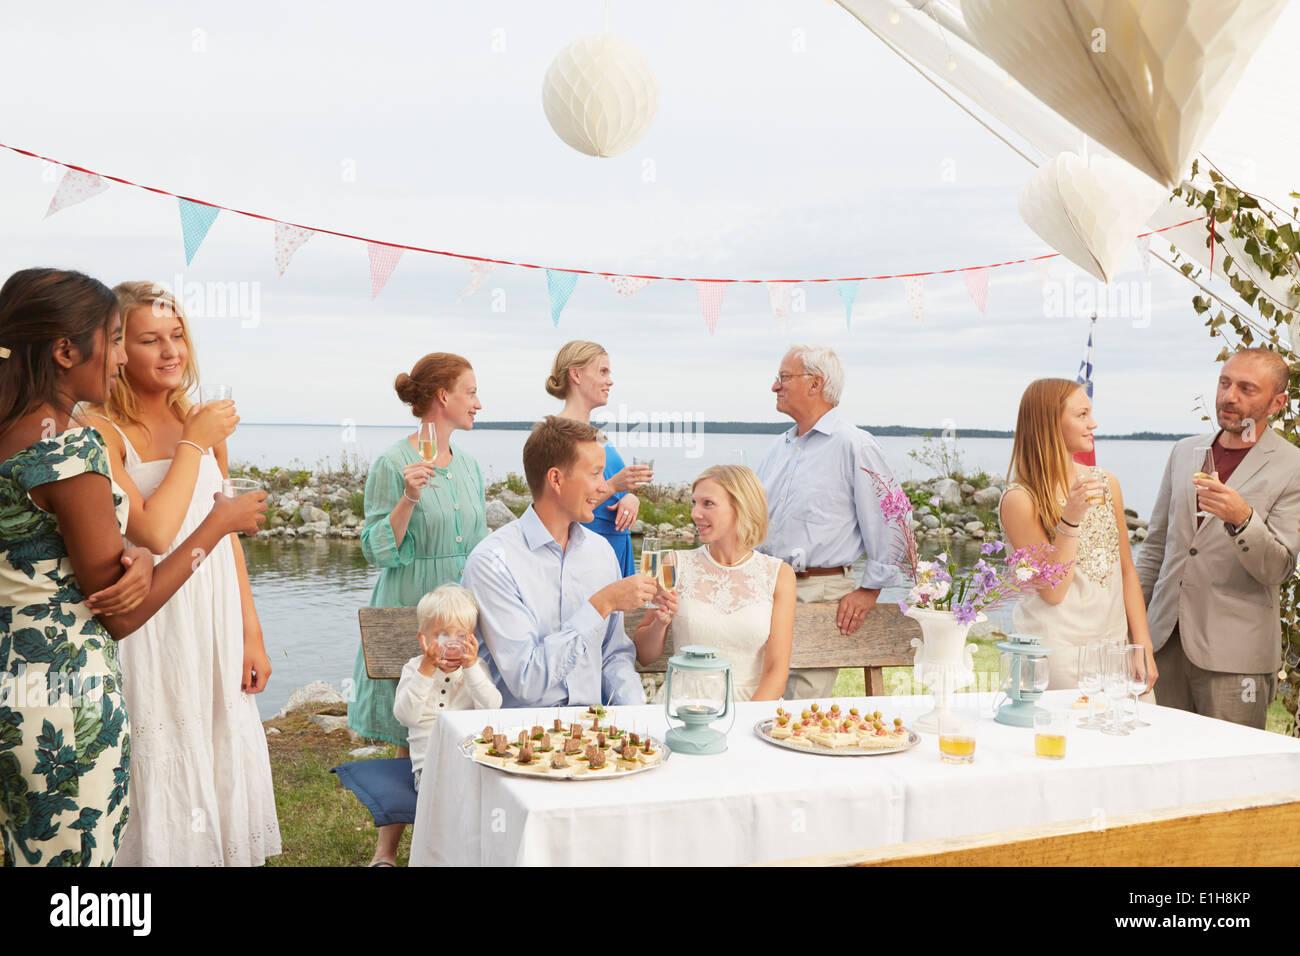 Adulto medio par hacer un brindis con amigos en la recepción de la boda Imagen De Stock